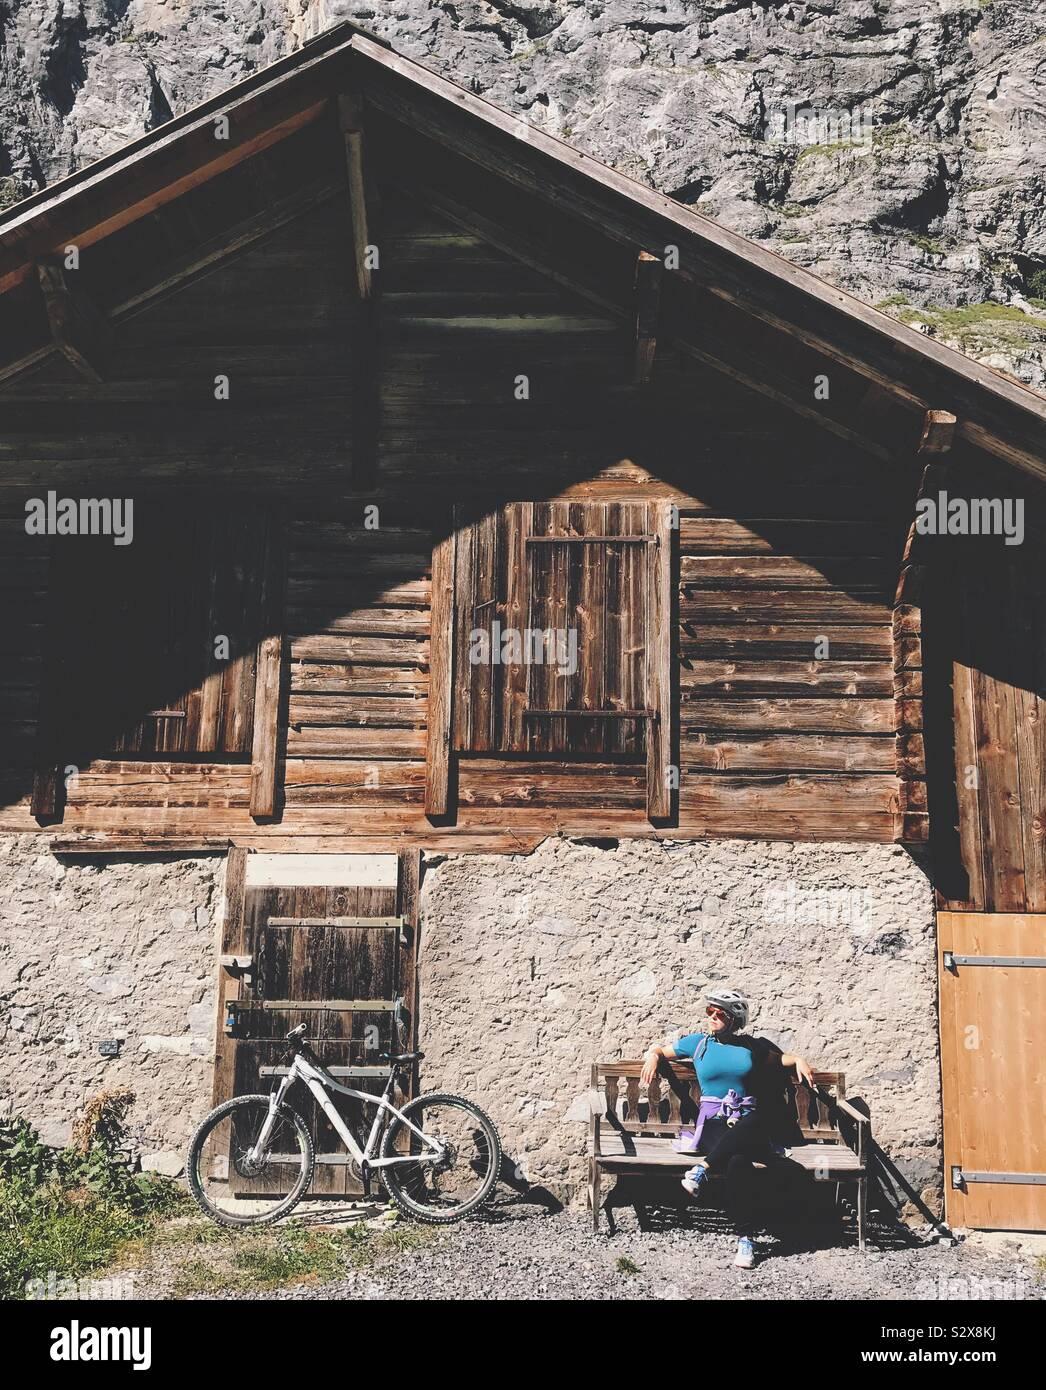 Une fille avec un vélo assis en face d'une maison dans la montagne Banque D'Images